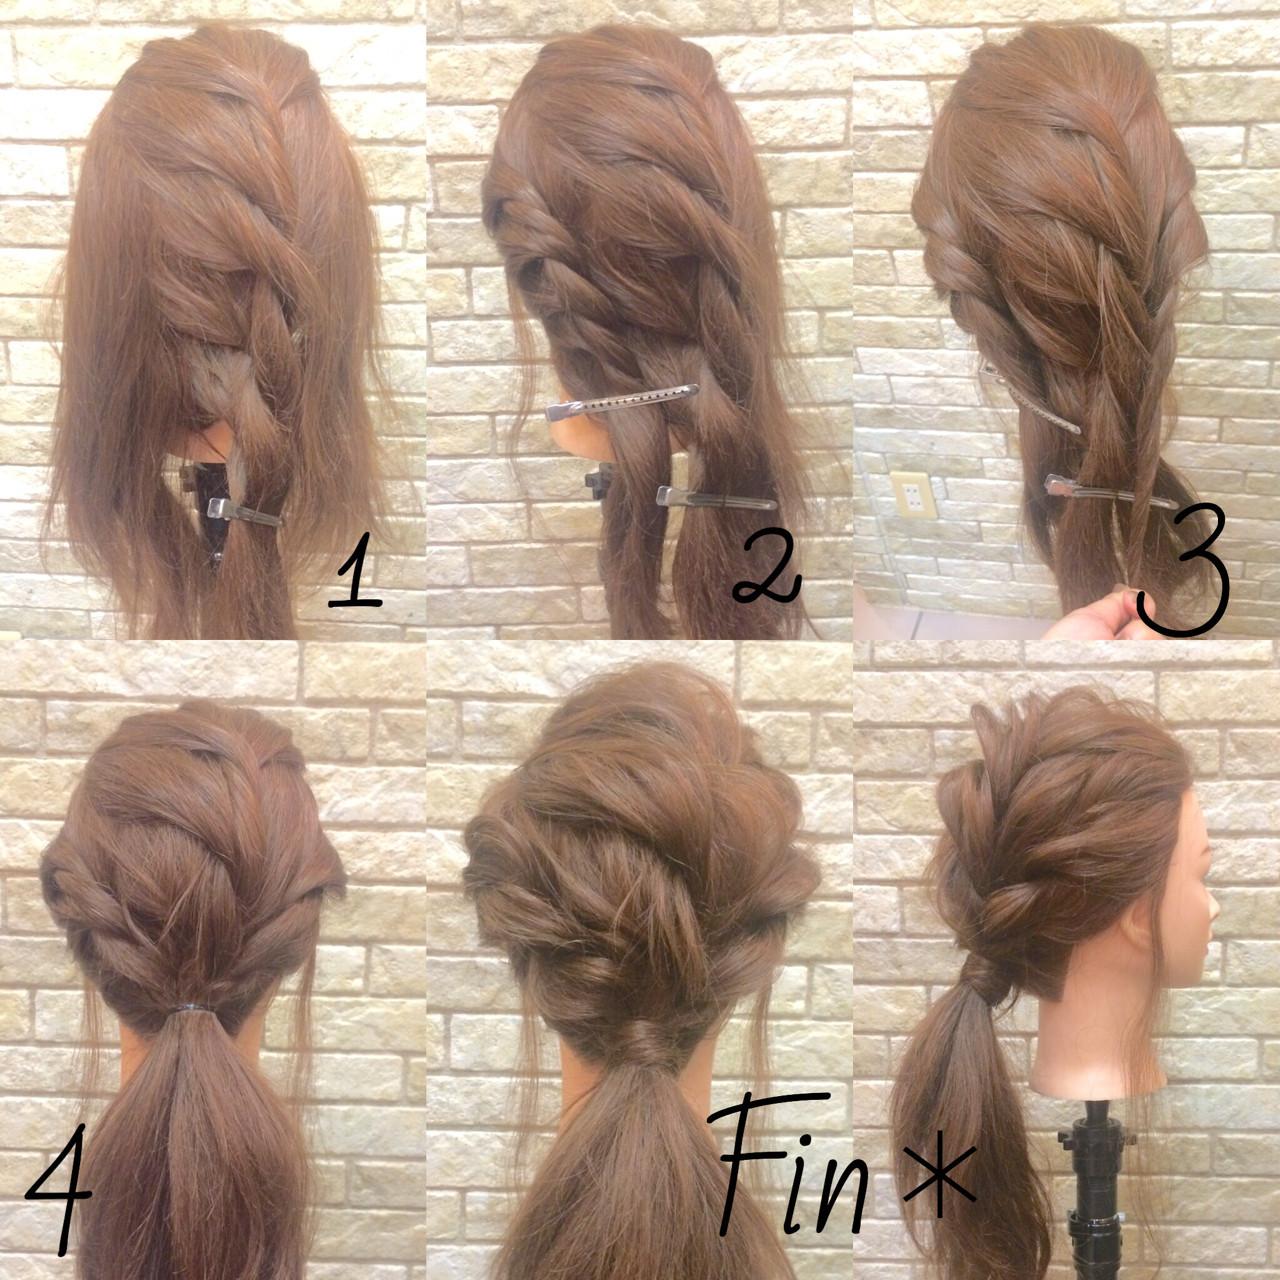 簡単ヘアアレンジ ロング ねじり ヘアアレンジ ヘアスタイルや髪型の写真・画像